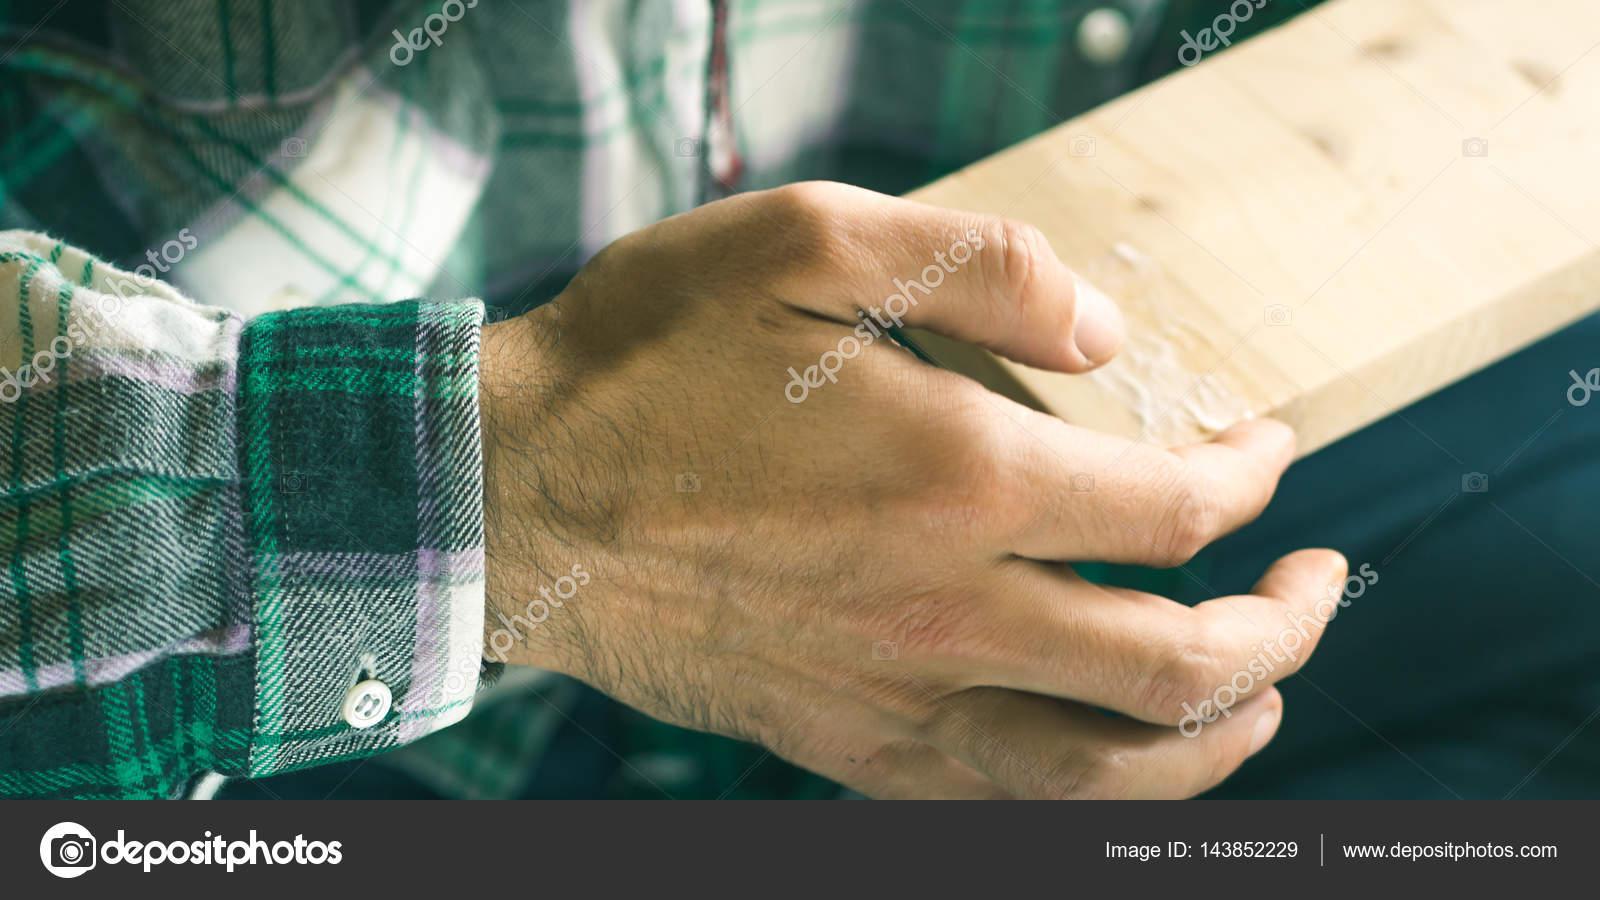 Colla Per Sedie In Legno.Uomo Creazione Oggetto Colla Di Legno Con Le Mani Processo Di Stile